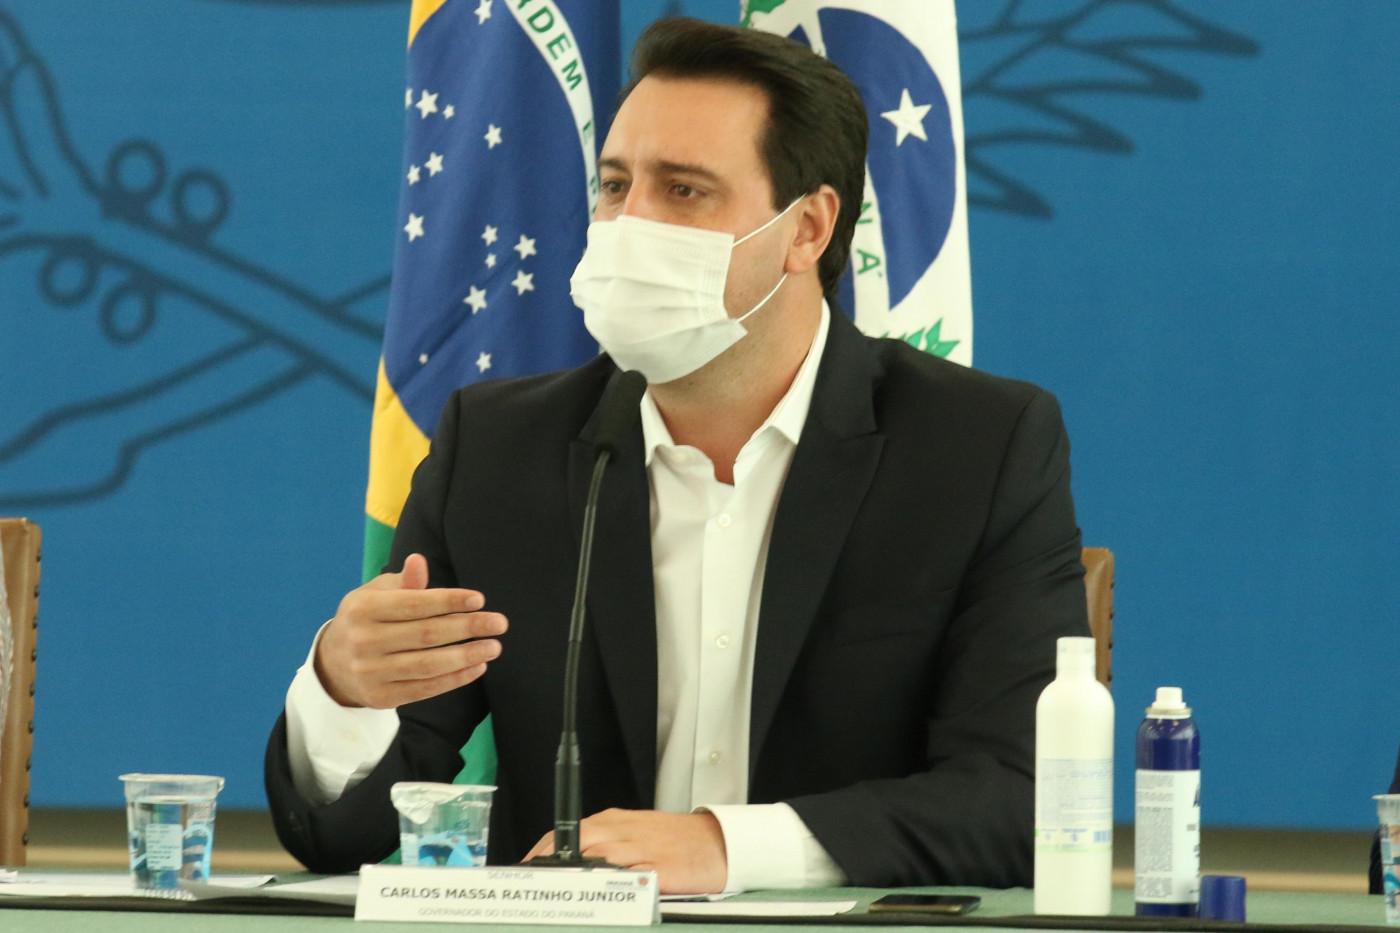 O governador do Paraná, Ratinho Junior, anuncia novas medidas de lockdown em coletiva de imprensa para conter surto de Covid-19